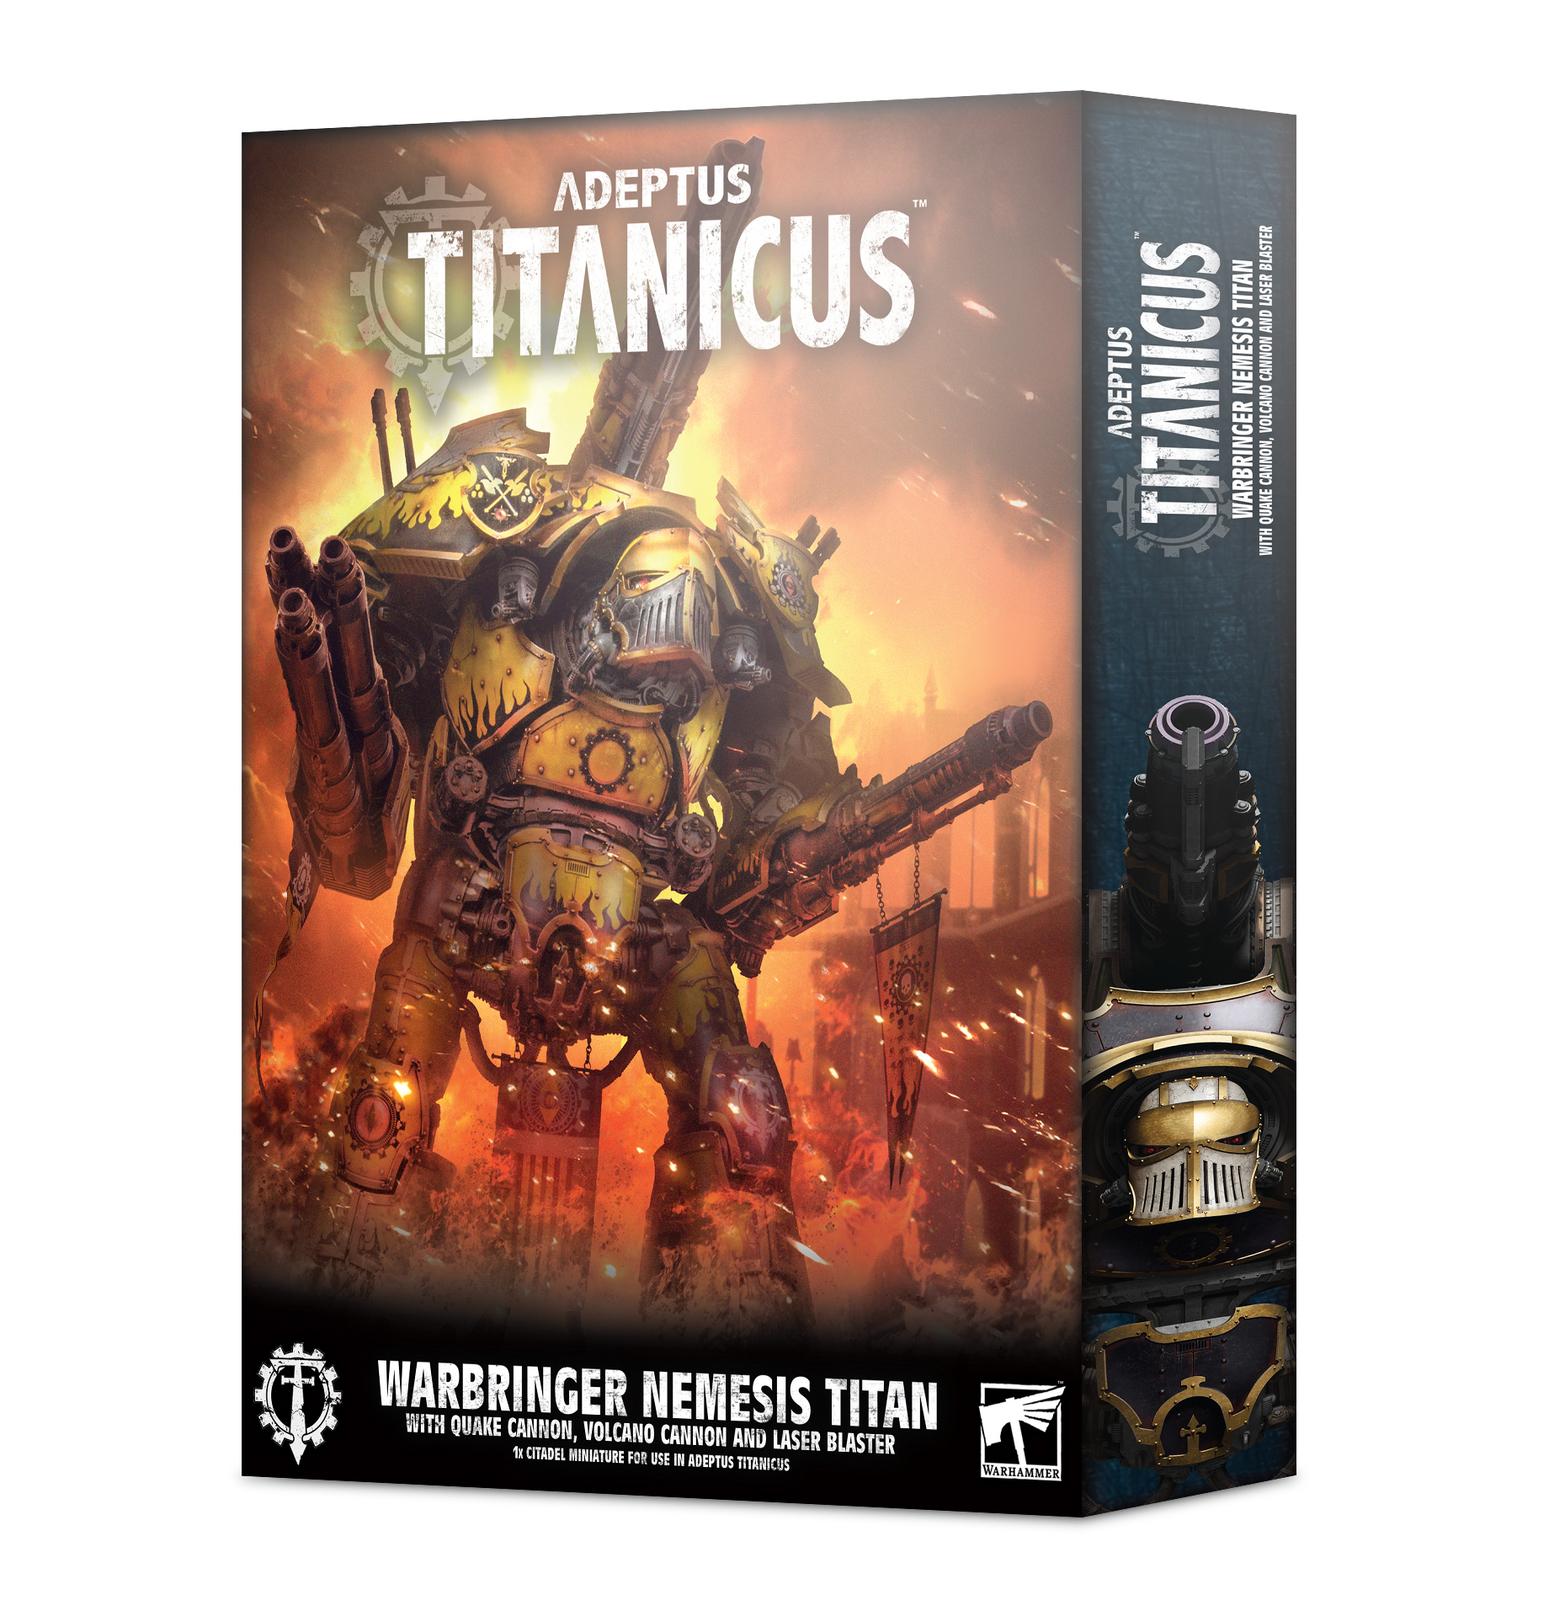 Adeptus Titanicus Warbringer Nemesis Titan with Quake Cannon image